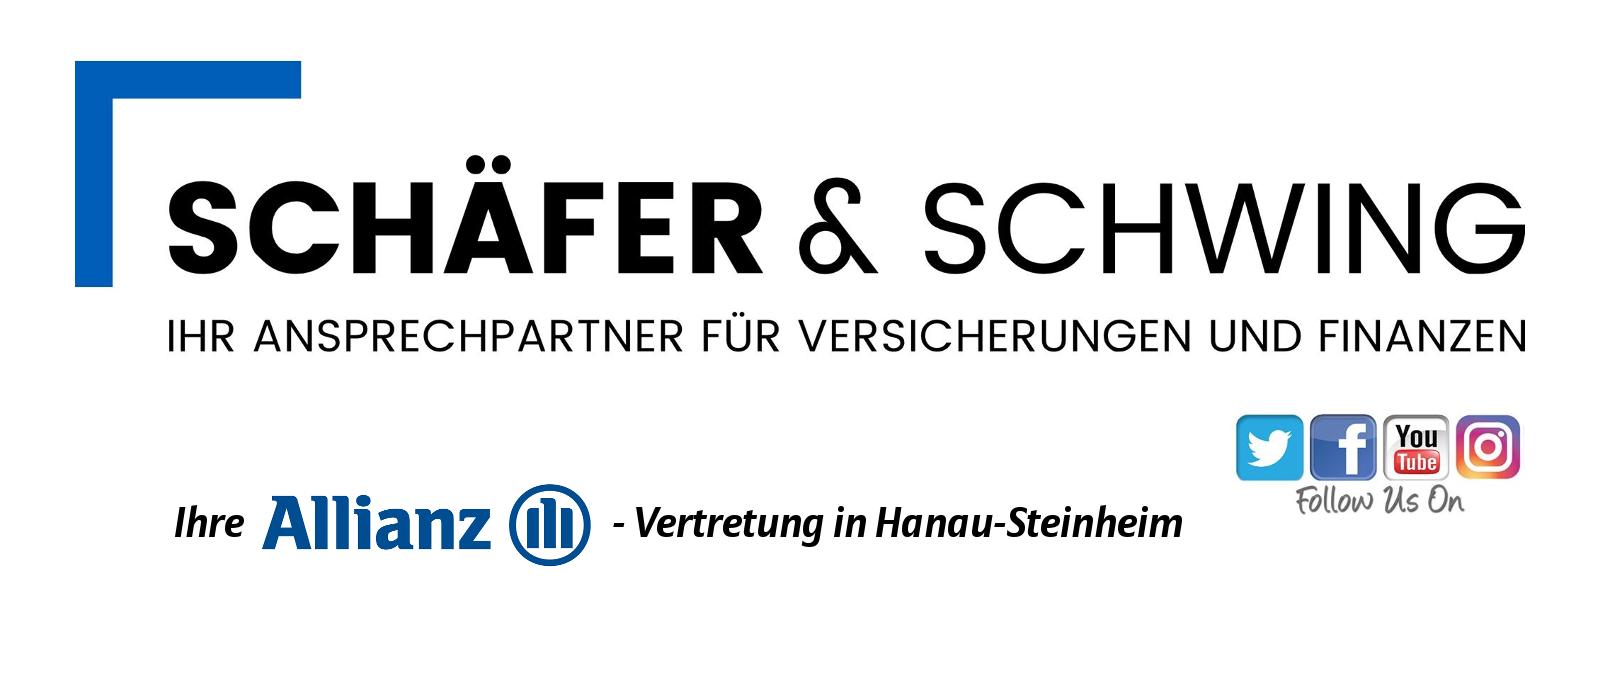 Schwing & Schäfer